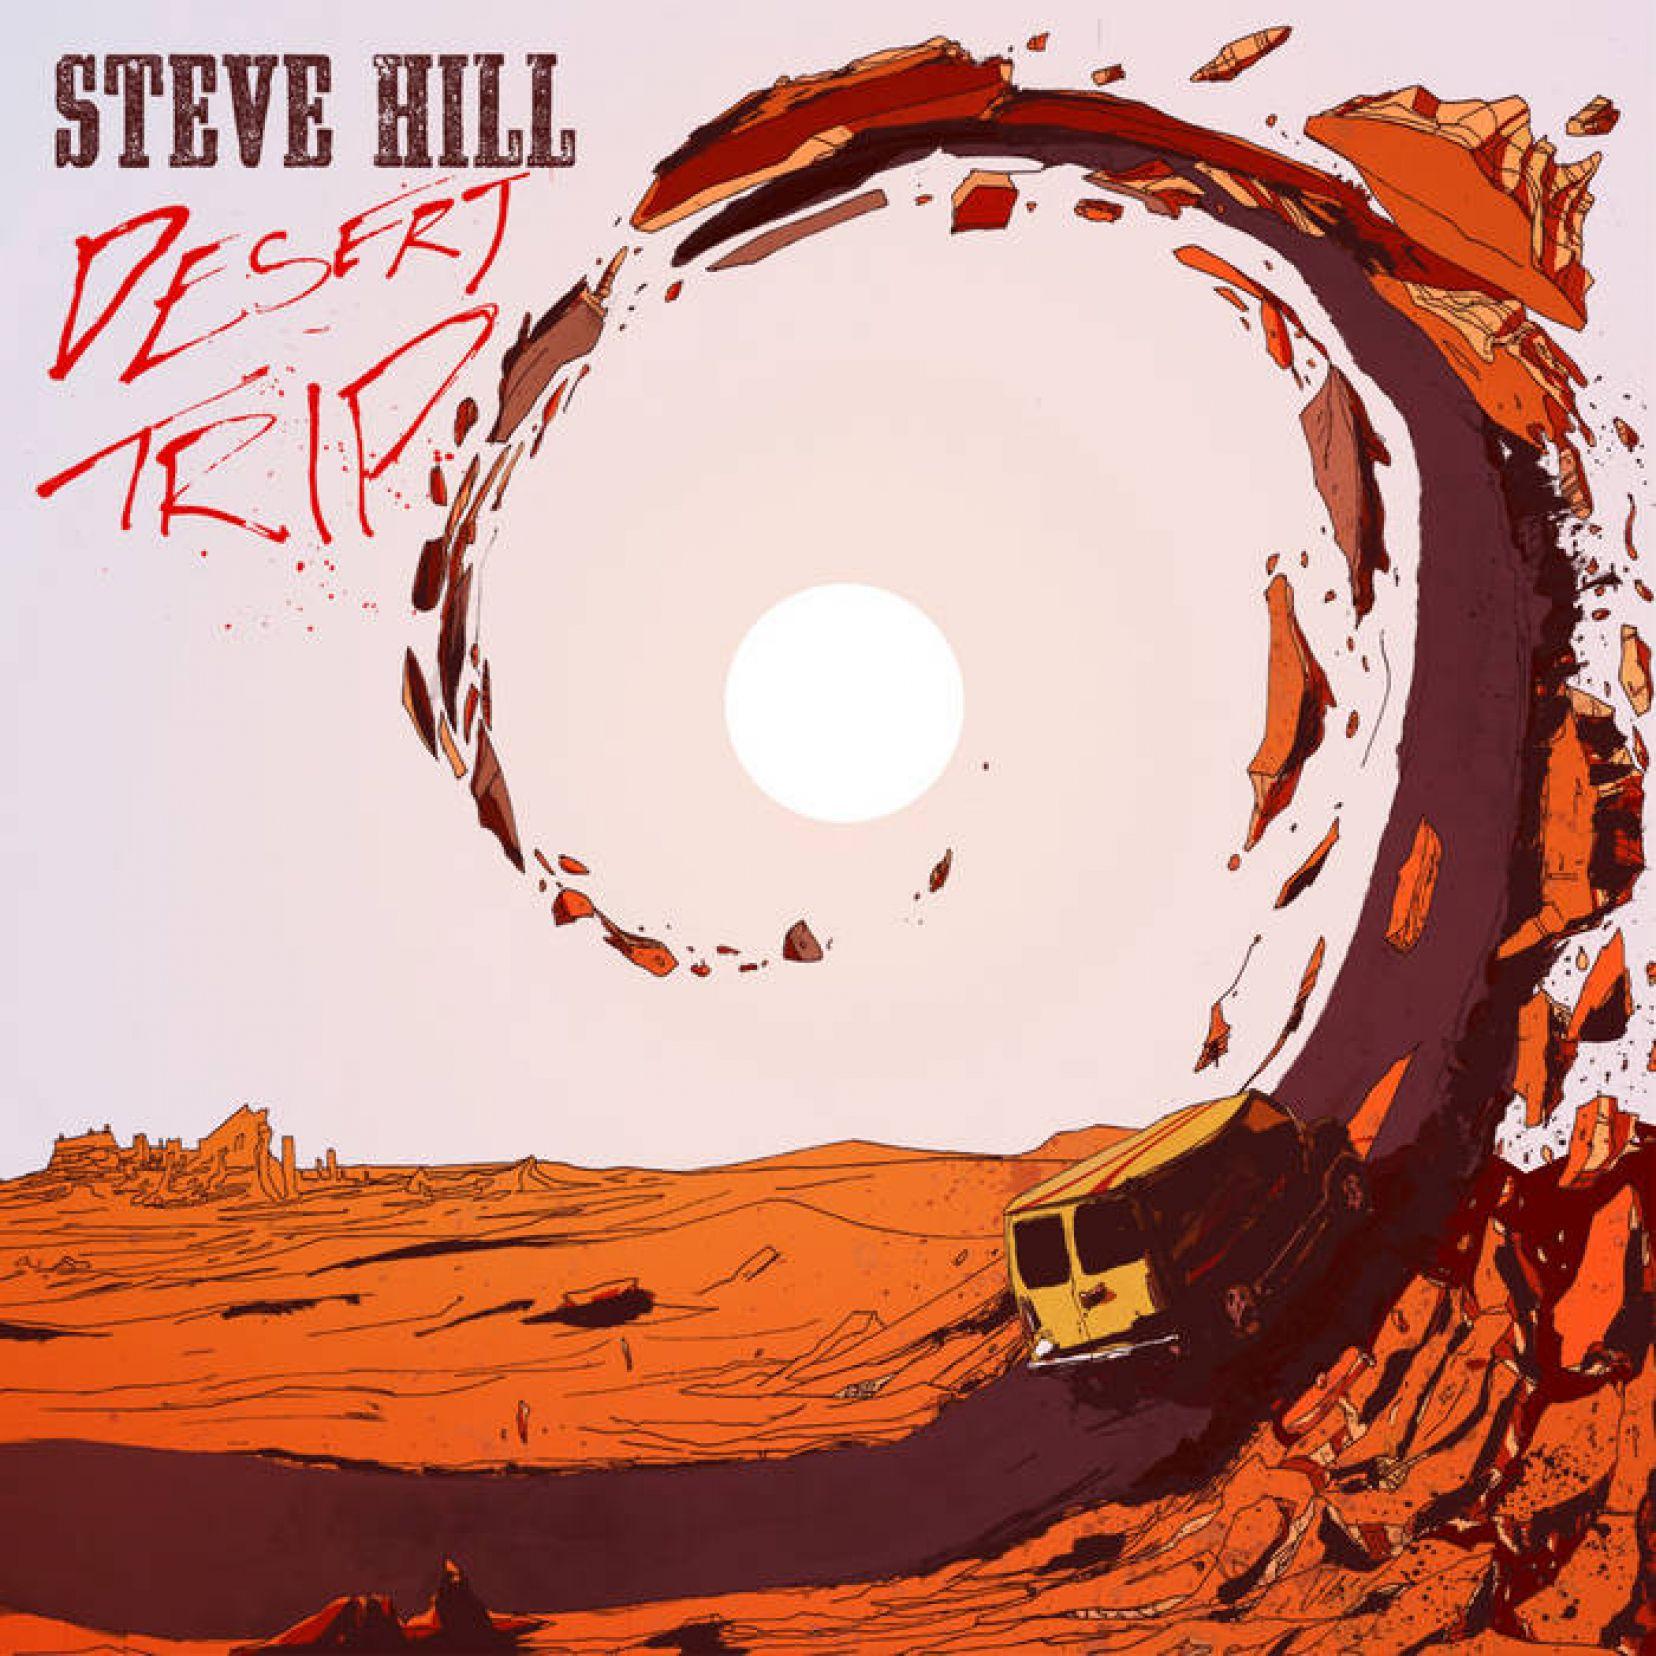 STEVE HILL - Desert Trip